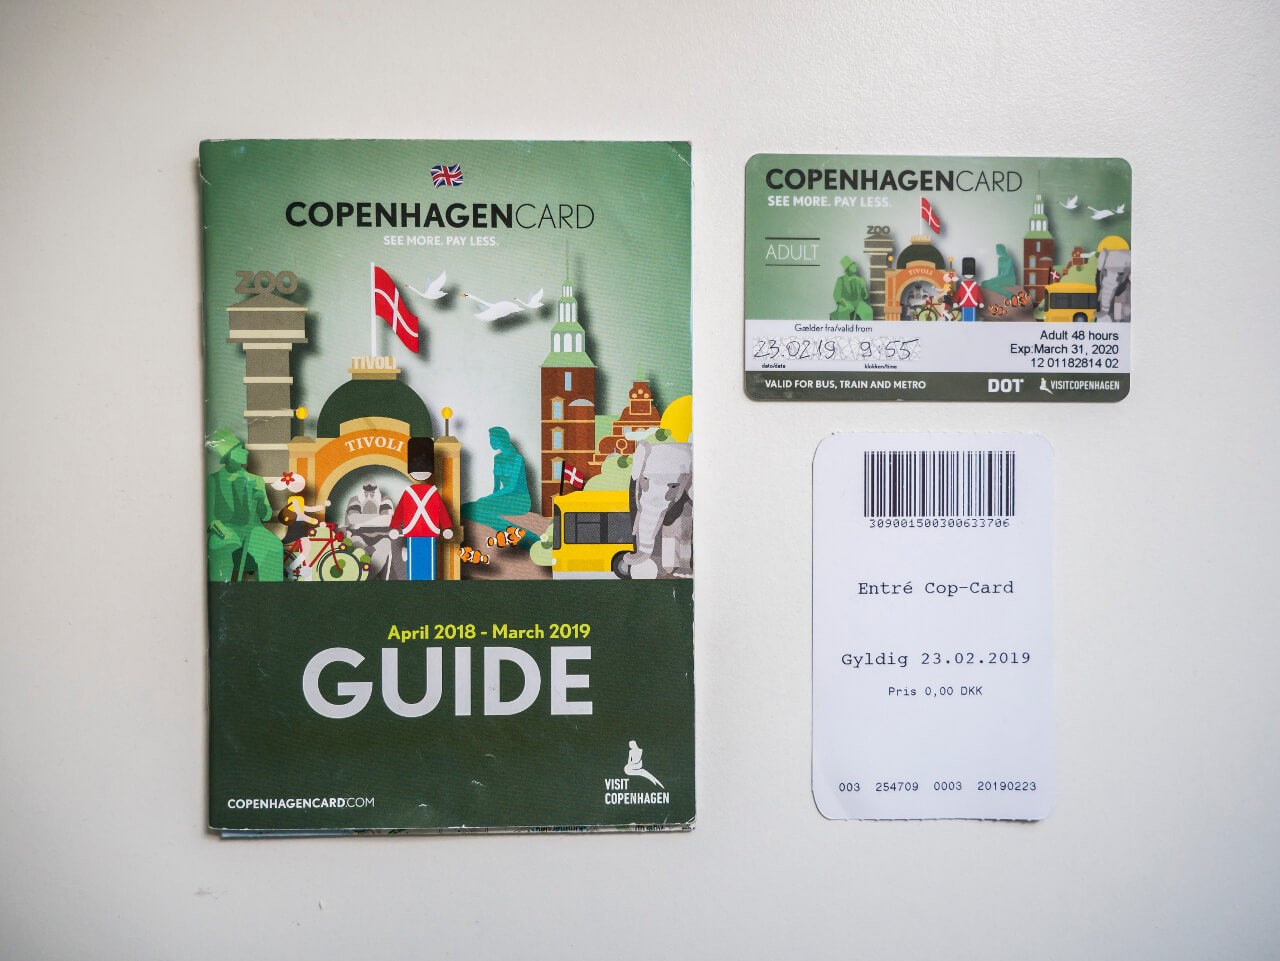 Zwiedzanie Kopenhagi z kartą miejską Copenhagen Card